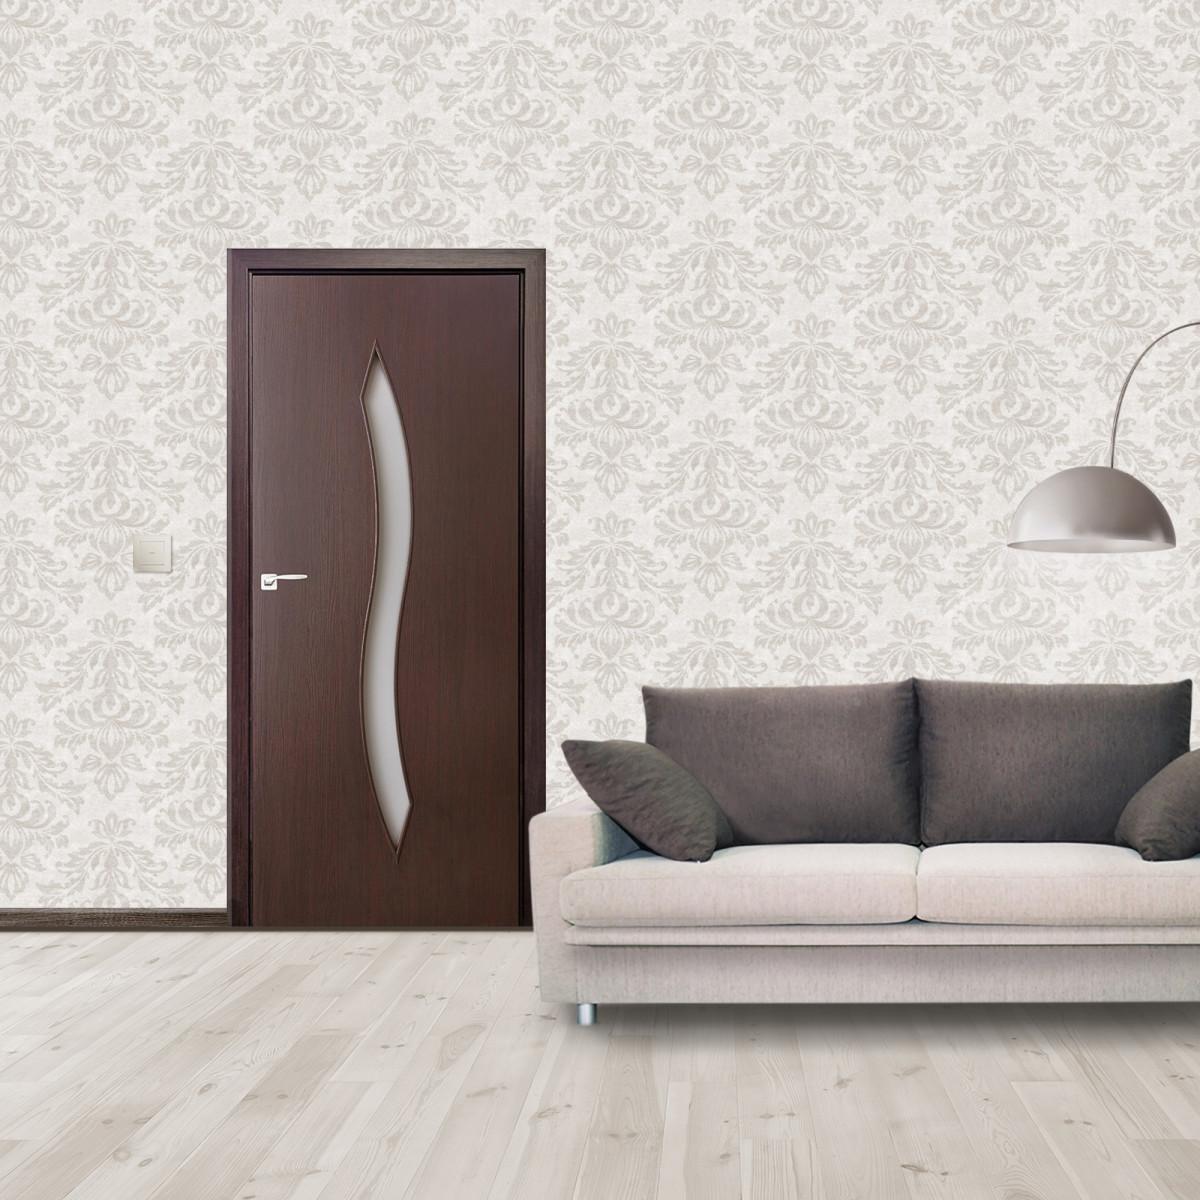 Дверь Межкомнатная Остеклённая Aura 60x200 Ламинация Цвет Венге 3d